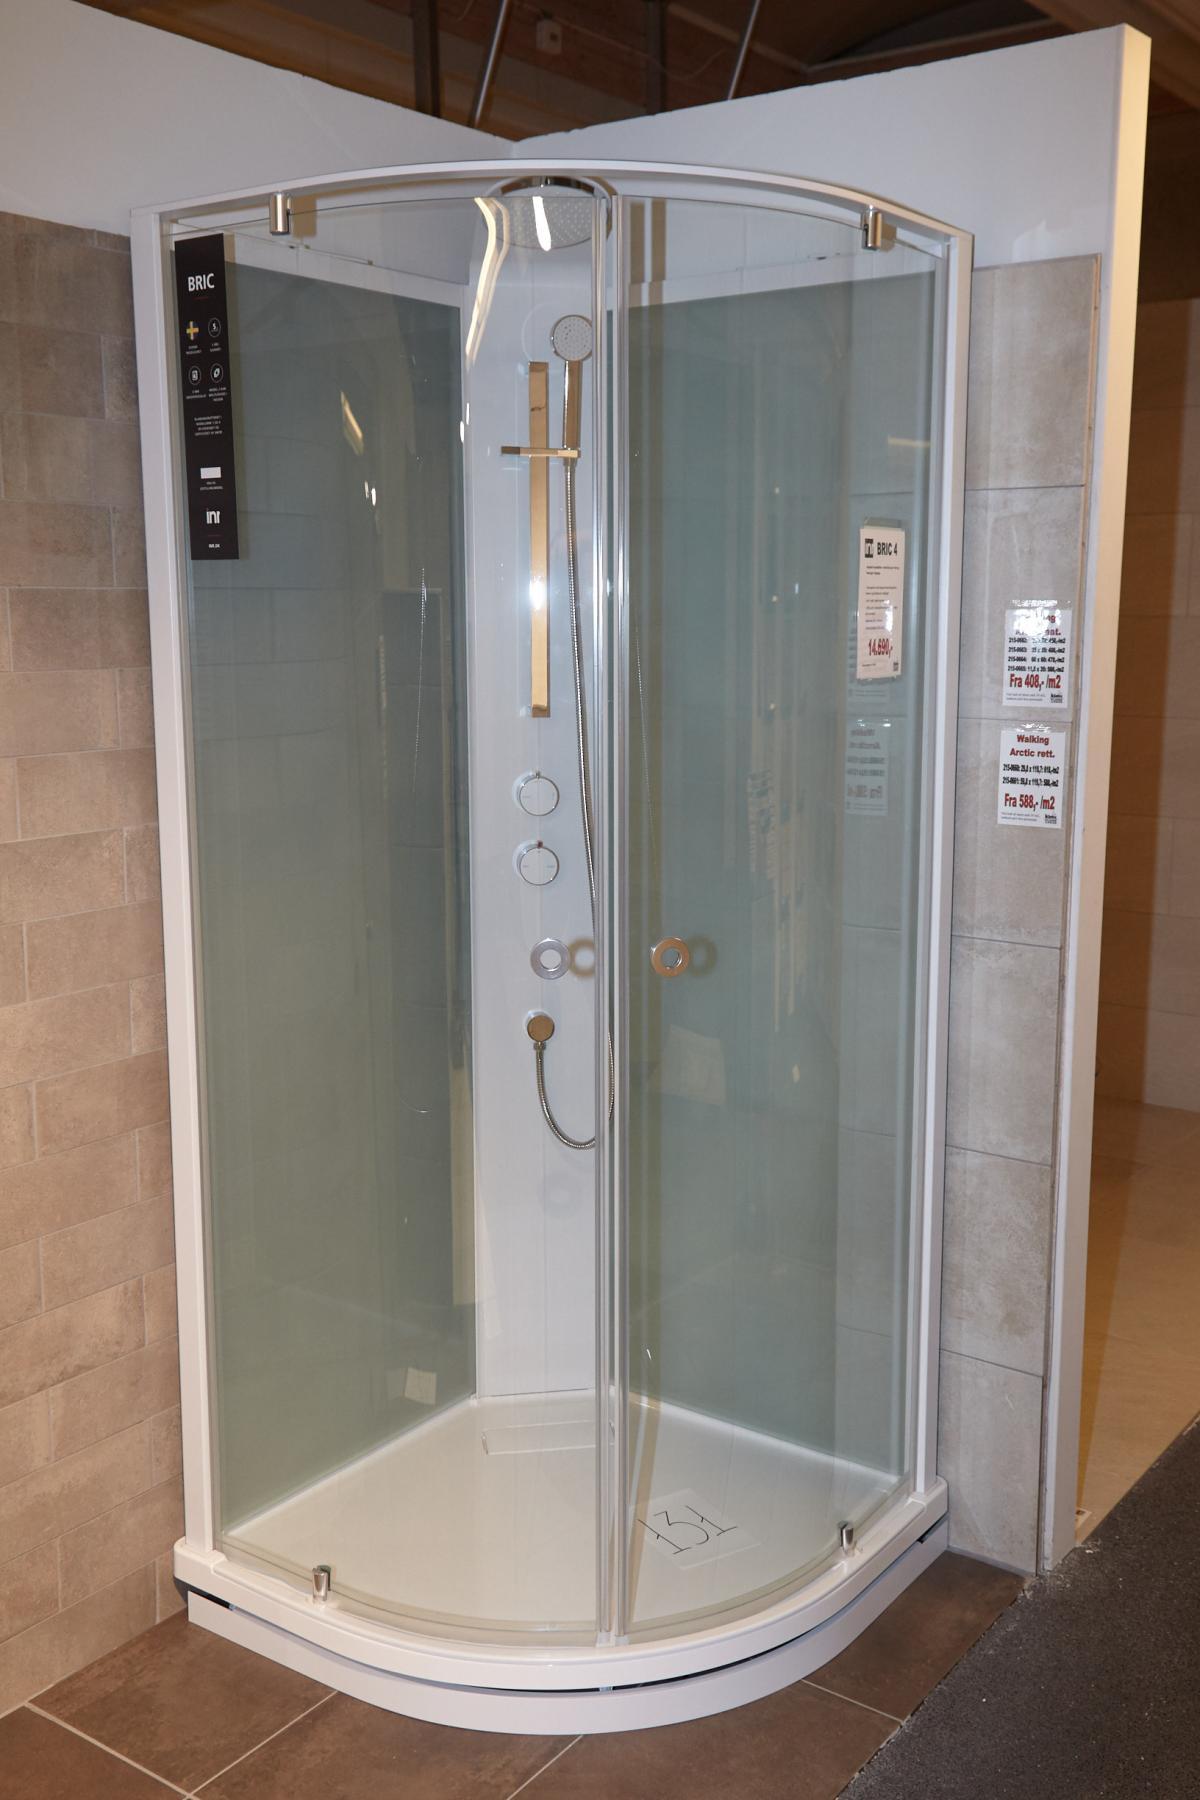 komplett inr bric 4 dusche mit klarglas in front und satiniertem glas in der rckwand - Aluminium Ruckwand Dusche 2